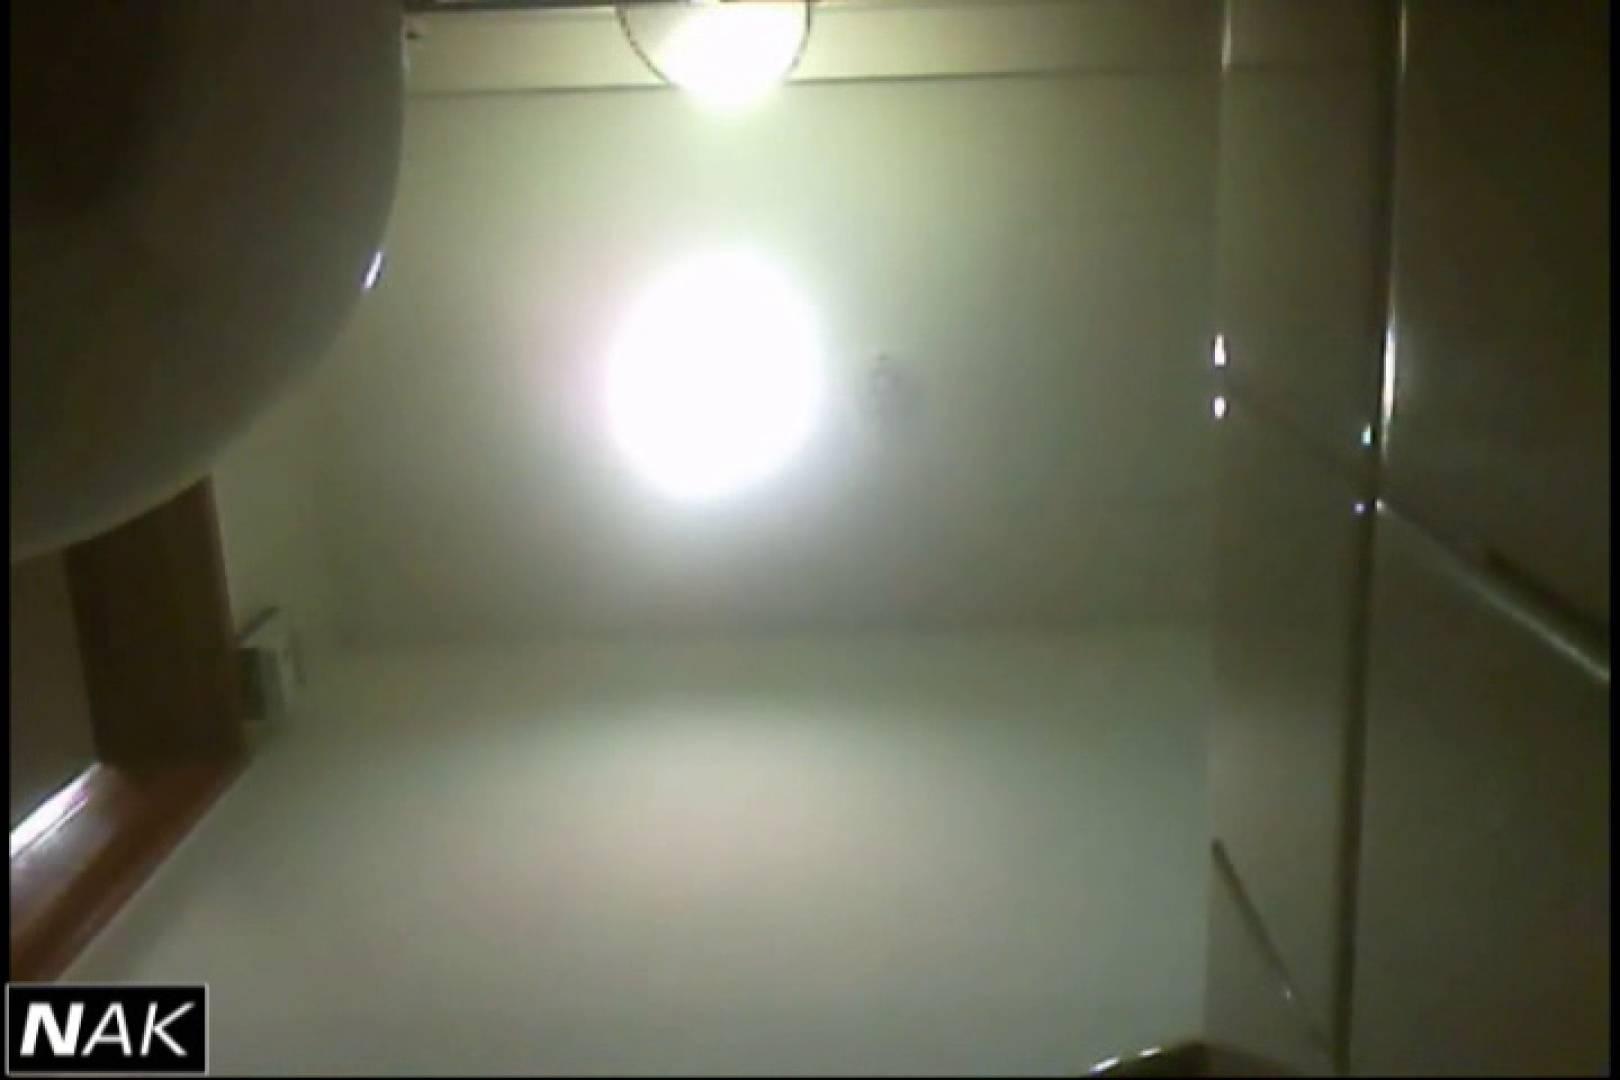 亀さんかわや VIP和式2カメバージョン! vol.06 オマンコ見放題  11枚 8